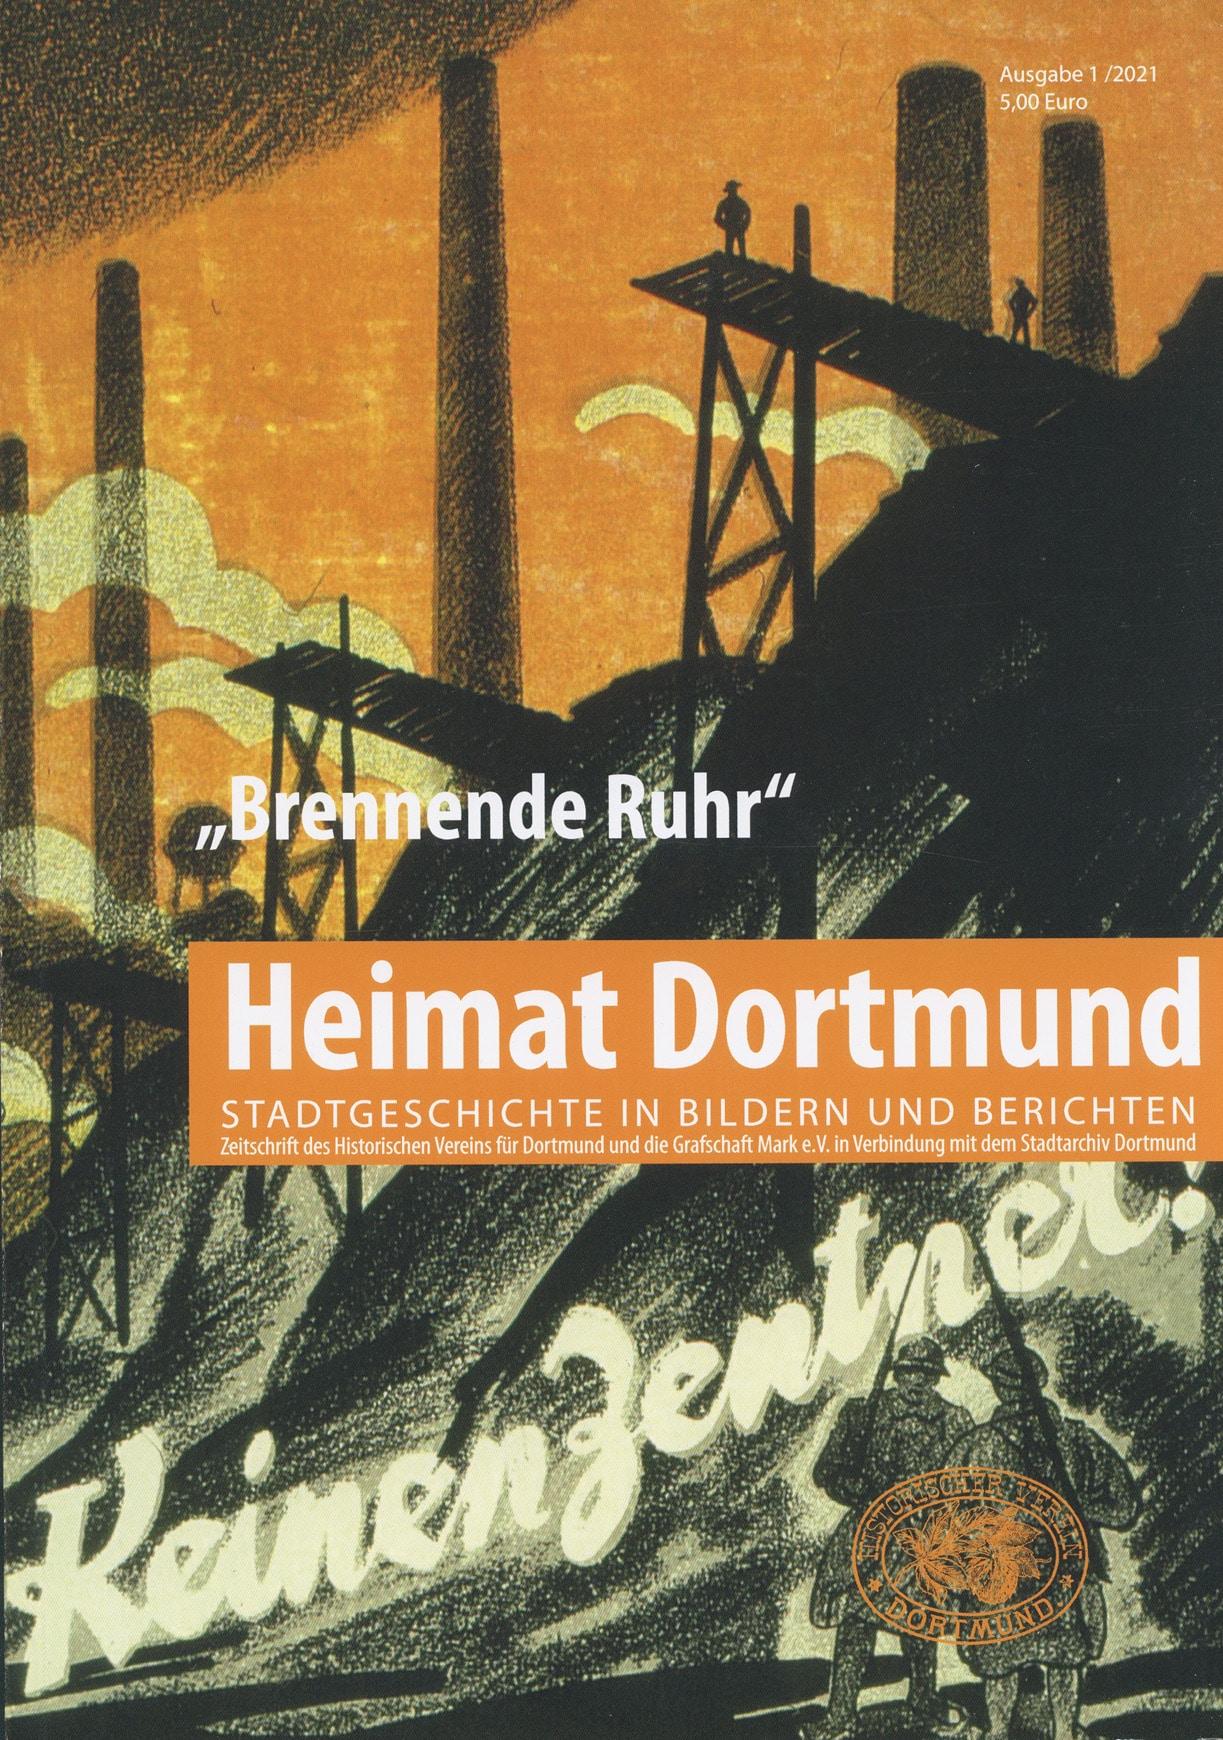 """Das Titelbild der aktuellen """"Heimat Dortmund""""-Ausgabe """"Brennende Ruhr"""". (Foto: Stadtarchiv Dortmund)"""